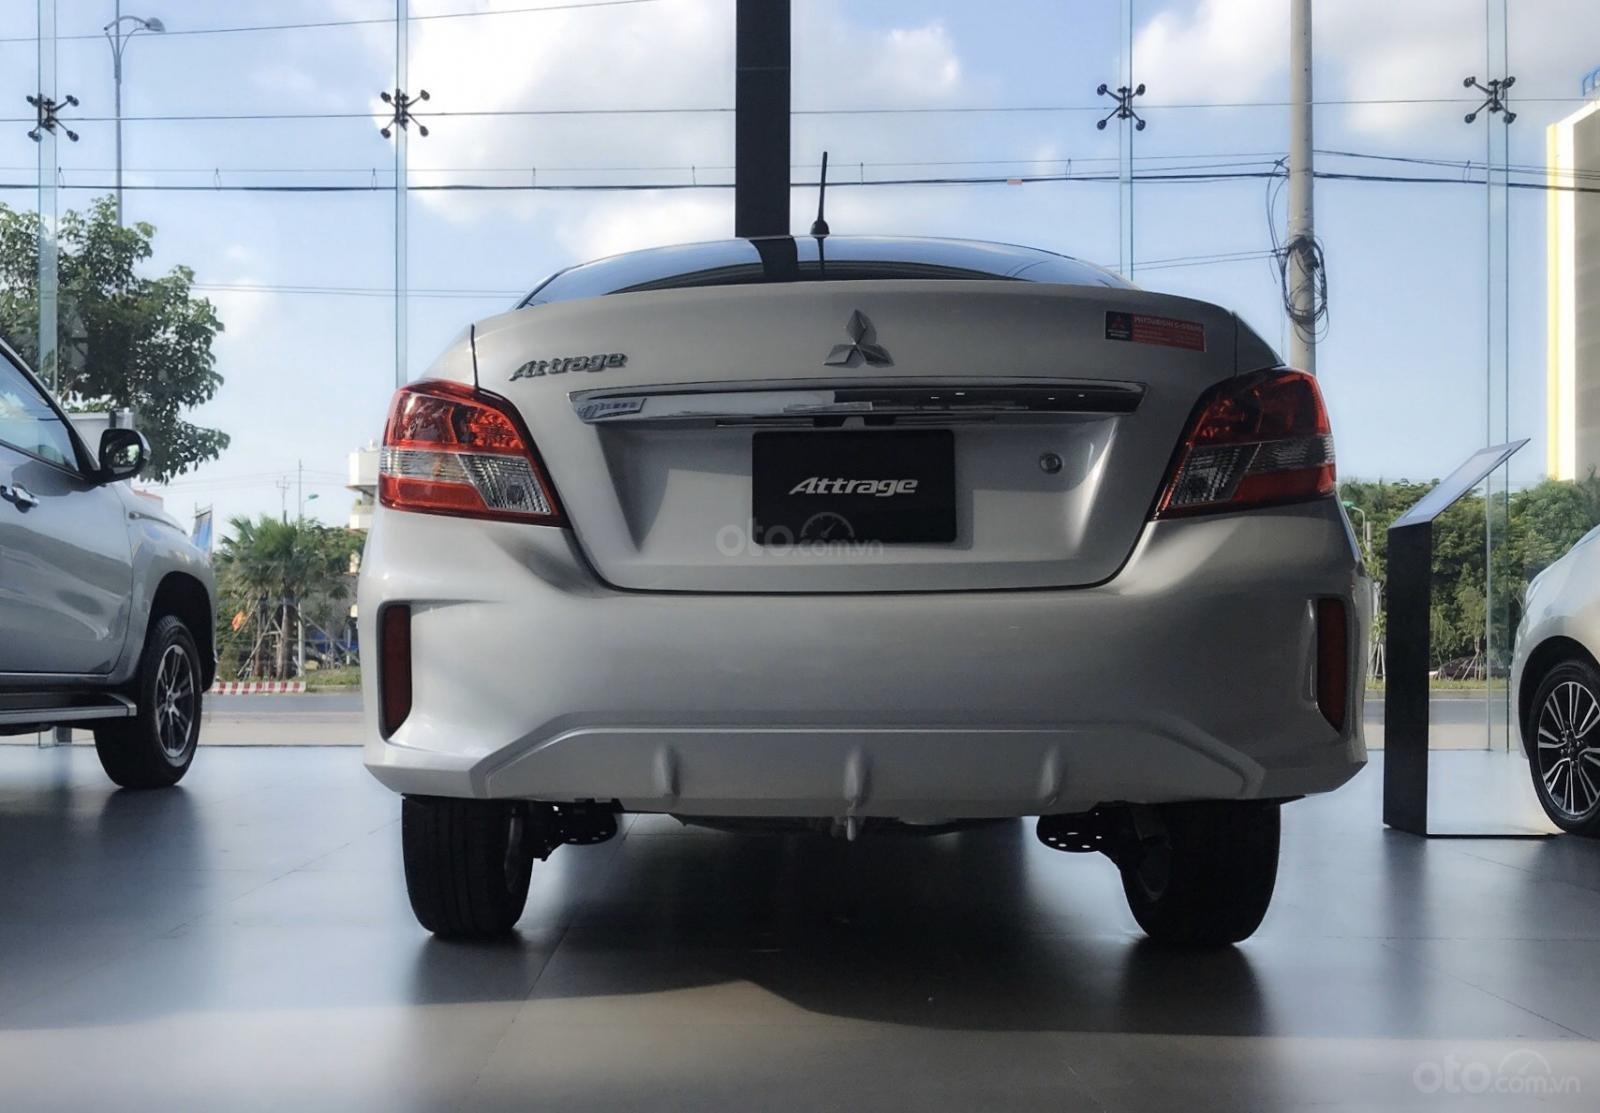 Trả trước 118 triệu nhận ngay xe Mitsubishi Attrage nhập khẩu (3)